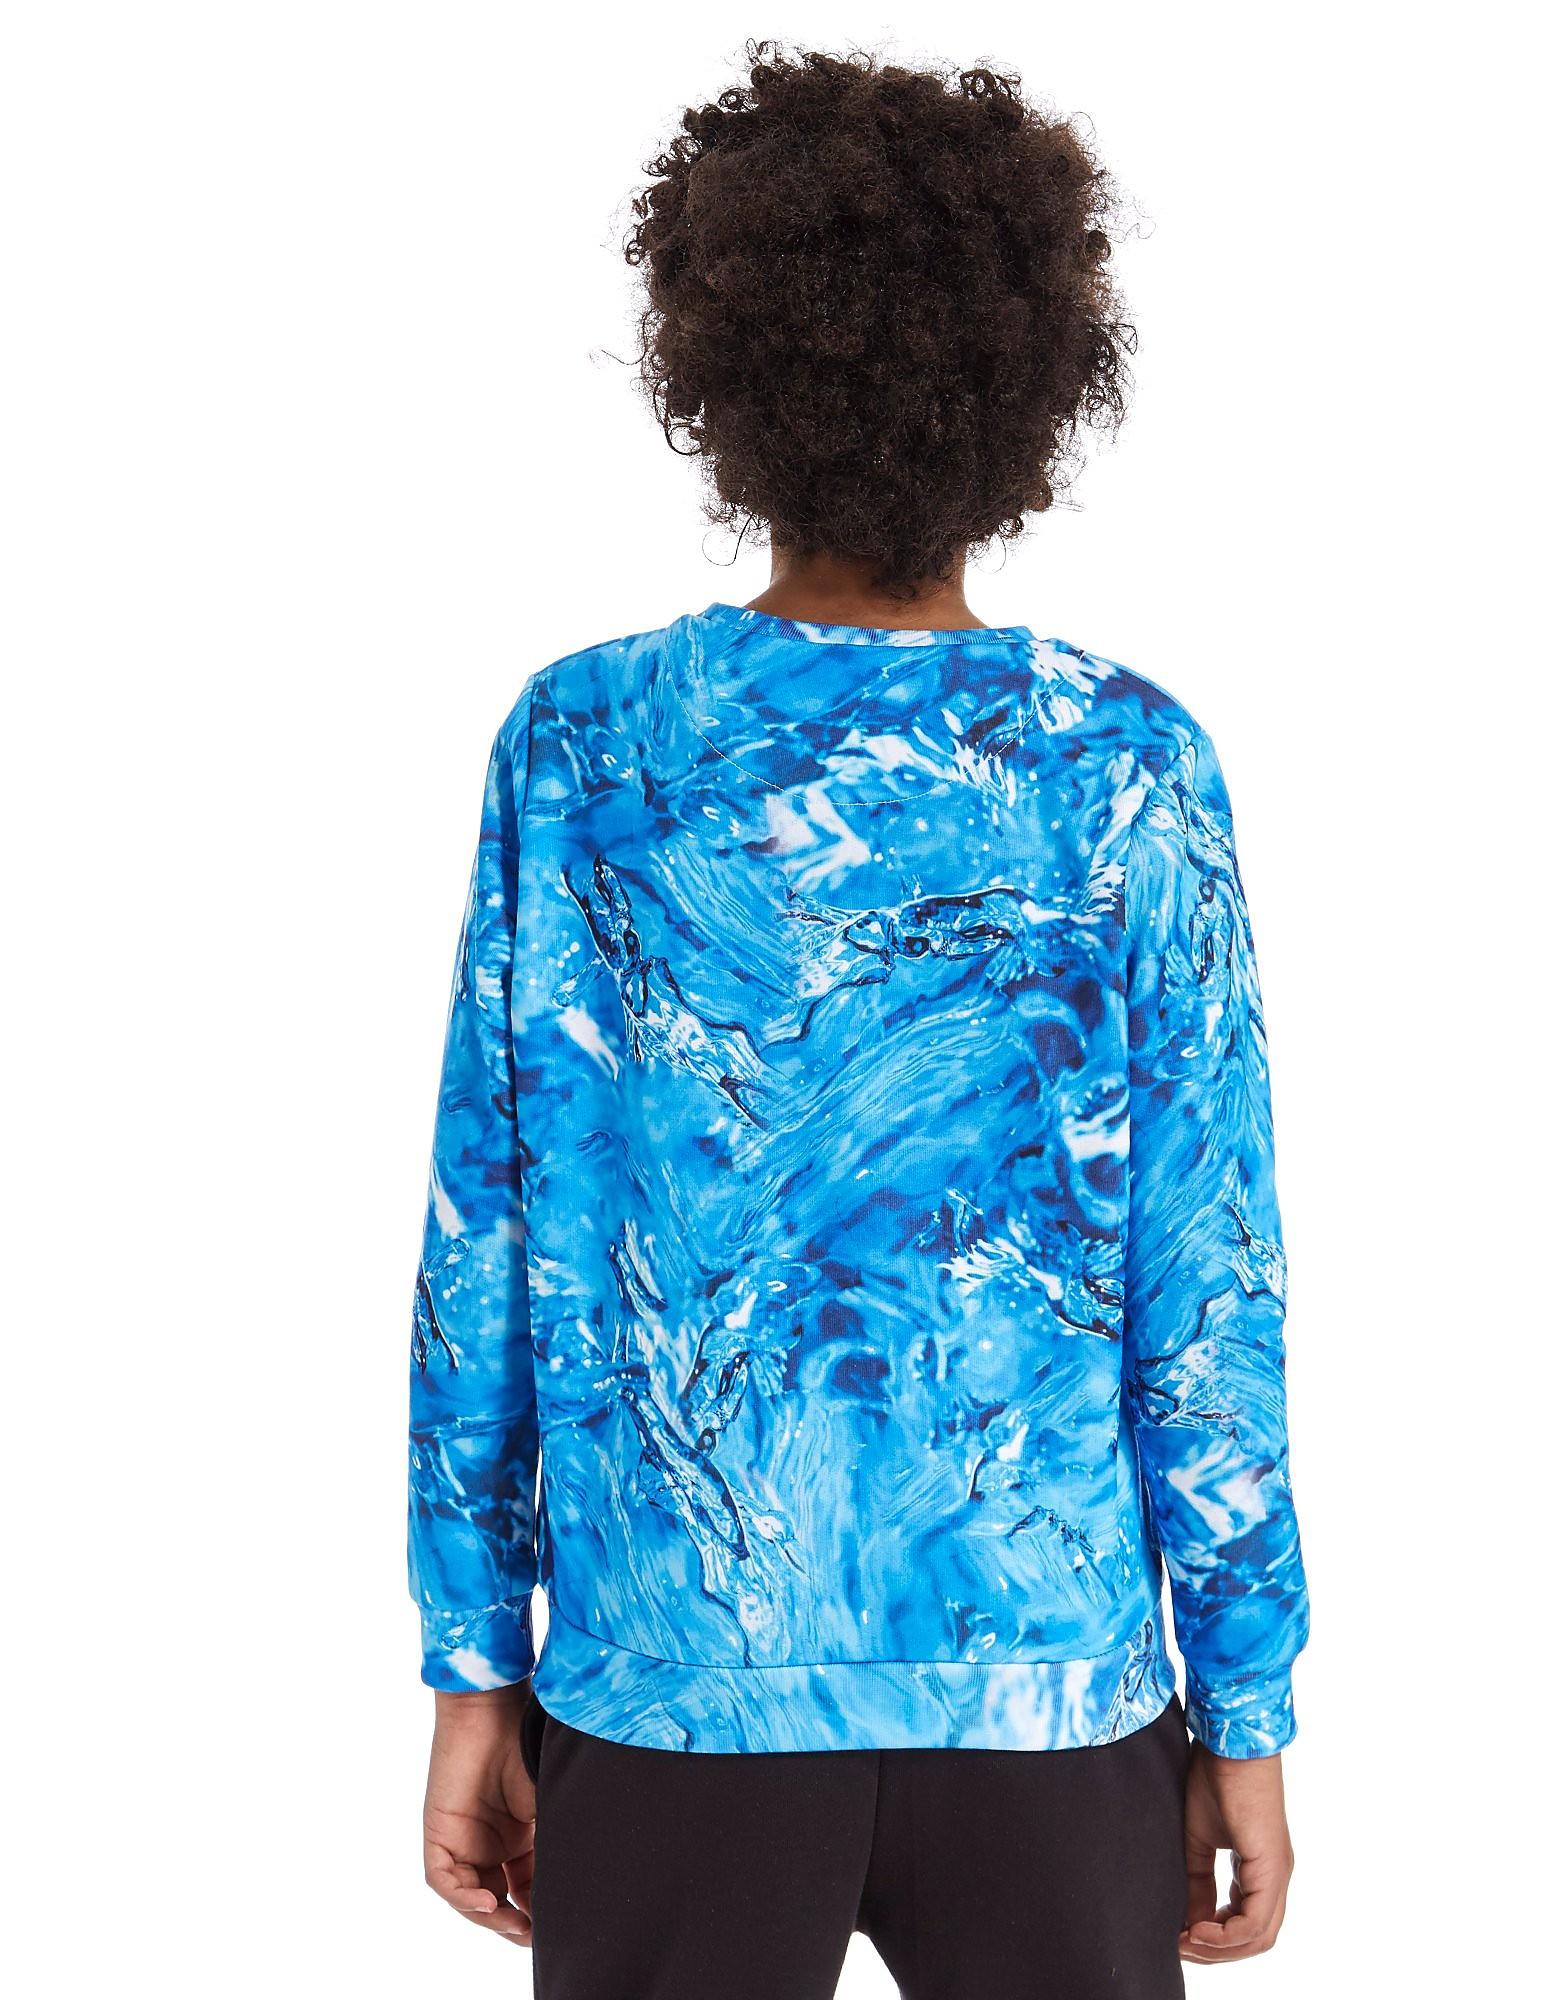 Hype Teal Splash Crew Sweatshirt Junior